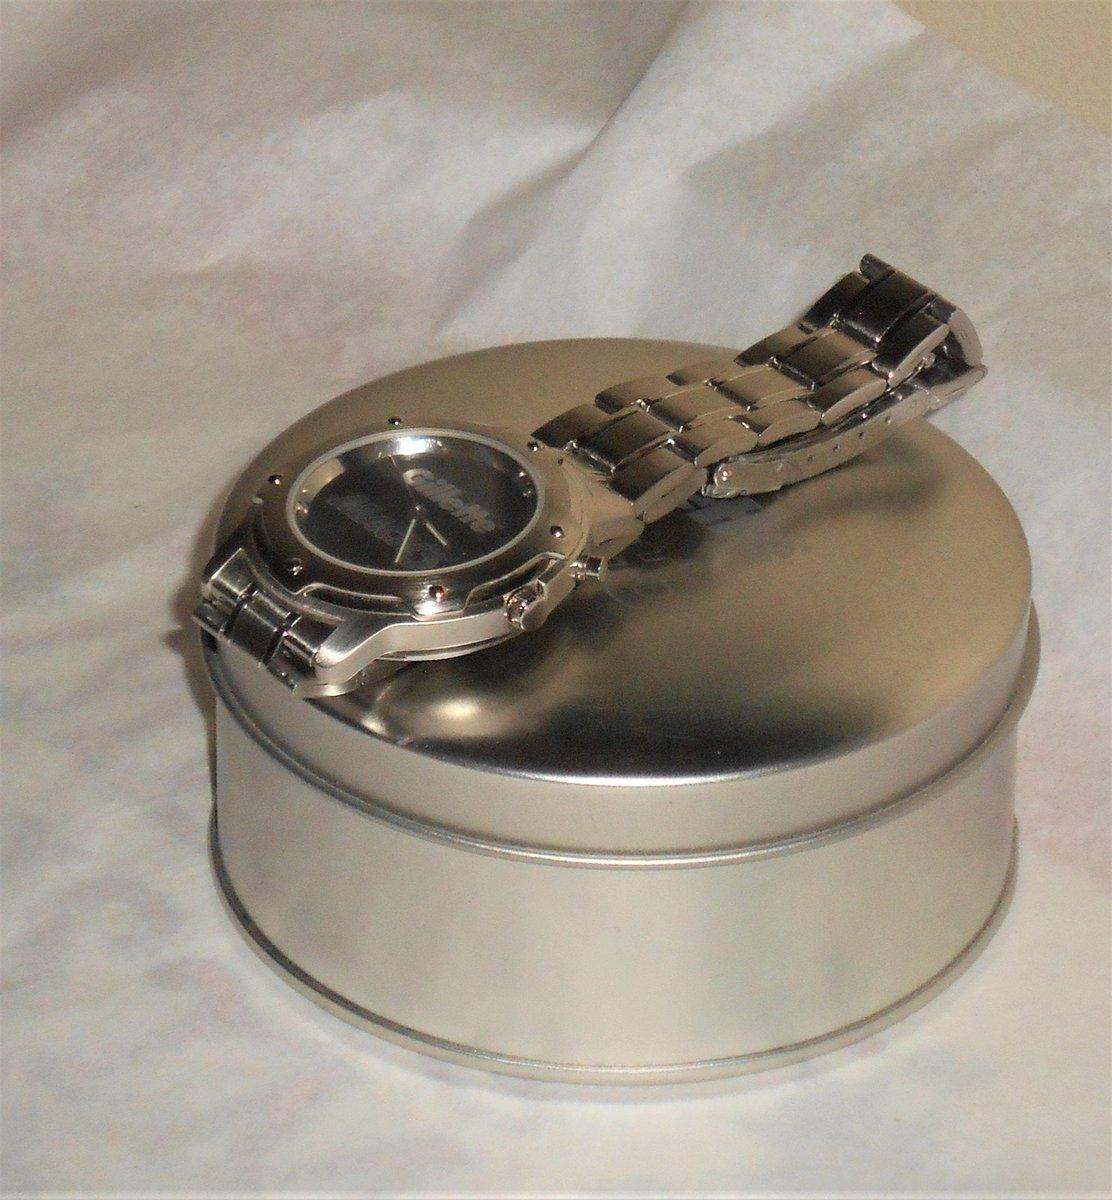 Gillette Souvinor Watch W Aluminum Case ... Video  #Etsy #RICHARDSRAZORS #Aluminum70s-80'